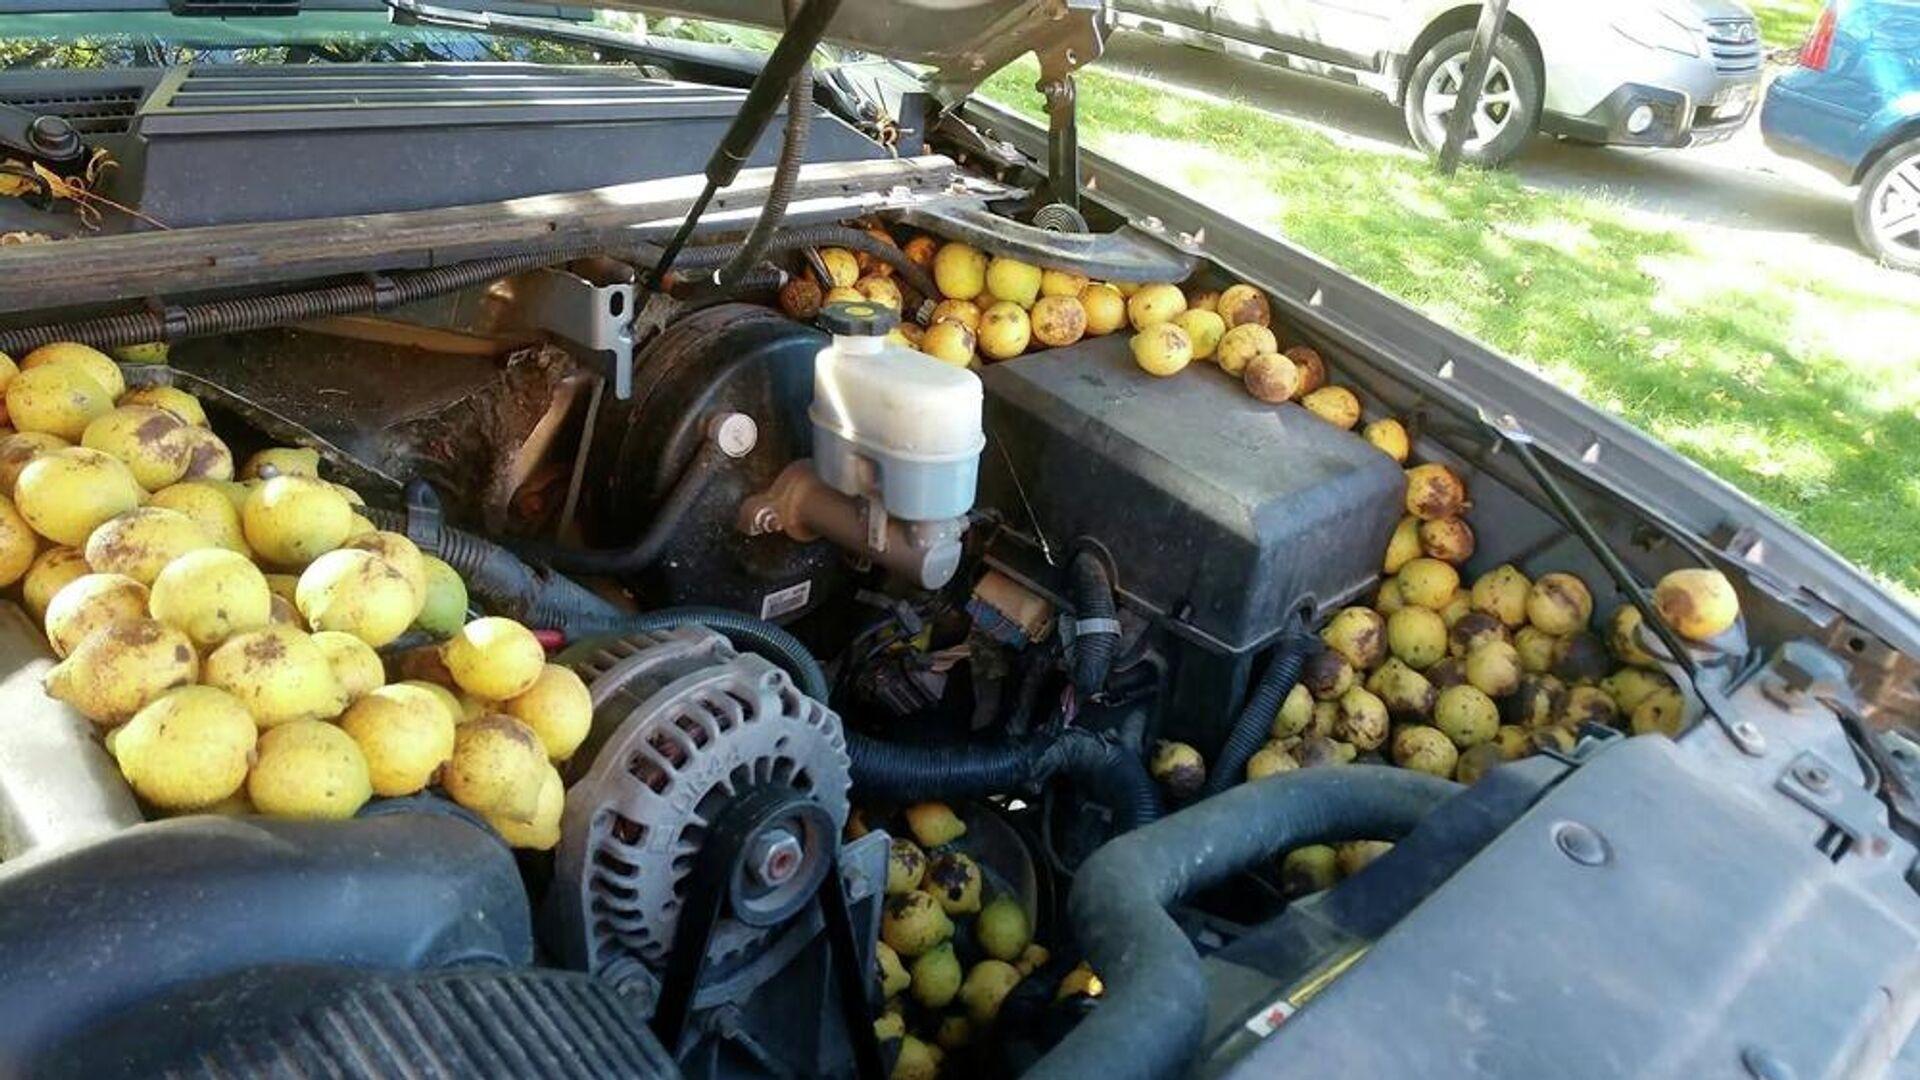 Σκίουρος έκρυψε 148 κιλά ξηρούς καρπούς στο φορτηγάκι άντρα στις ΗΠΑ - Sputnik Ελλάδα, 1920, 06.10.2021